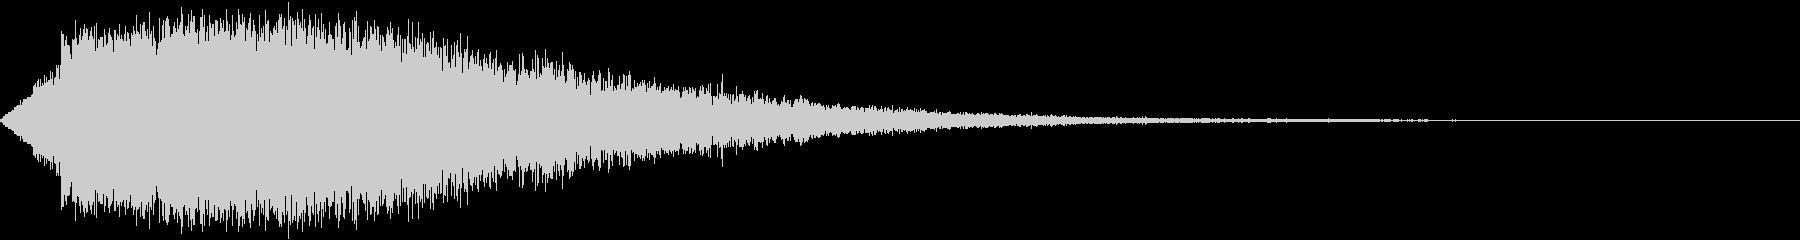 キラキラ/バシューンの未再生の波形